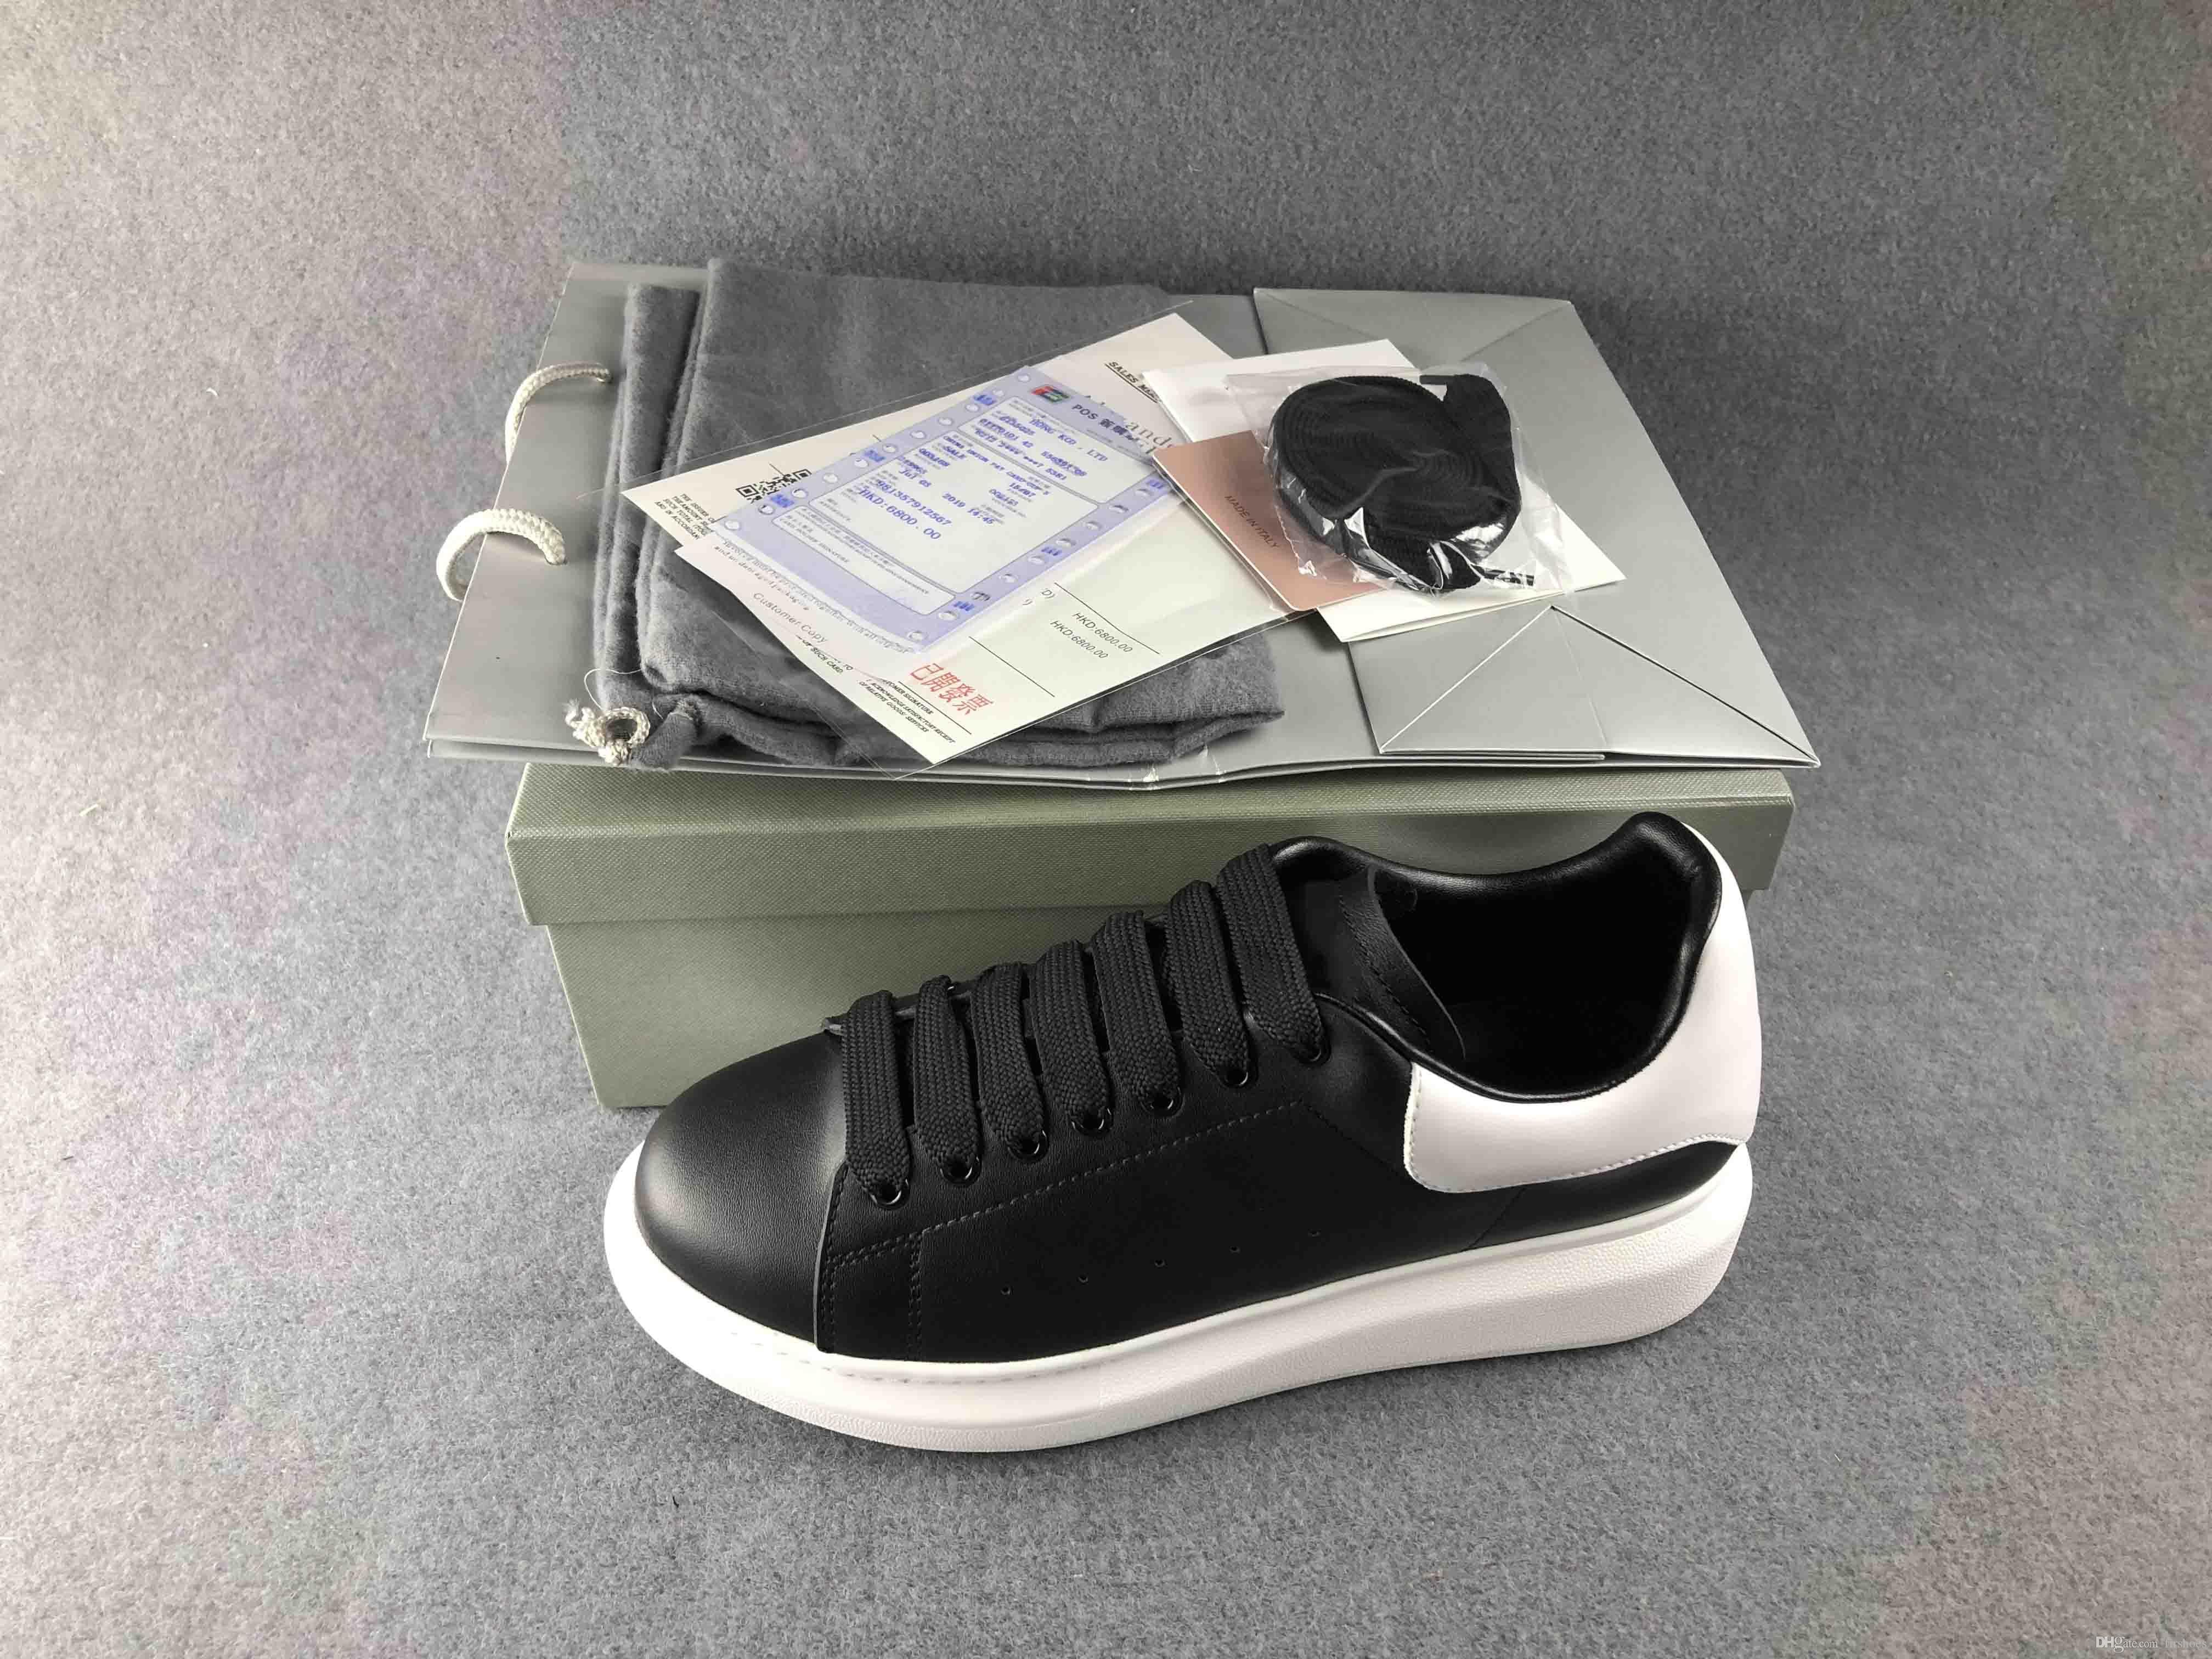 패션 디자이너 신발 정품 가죽 디자이너 운동화 캐주얼 신발 여성 남자 여자 소년 소녀 신발 최고의 드레스 신발 하이킹 신발